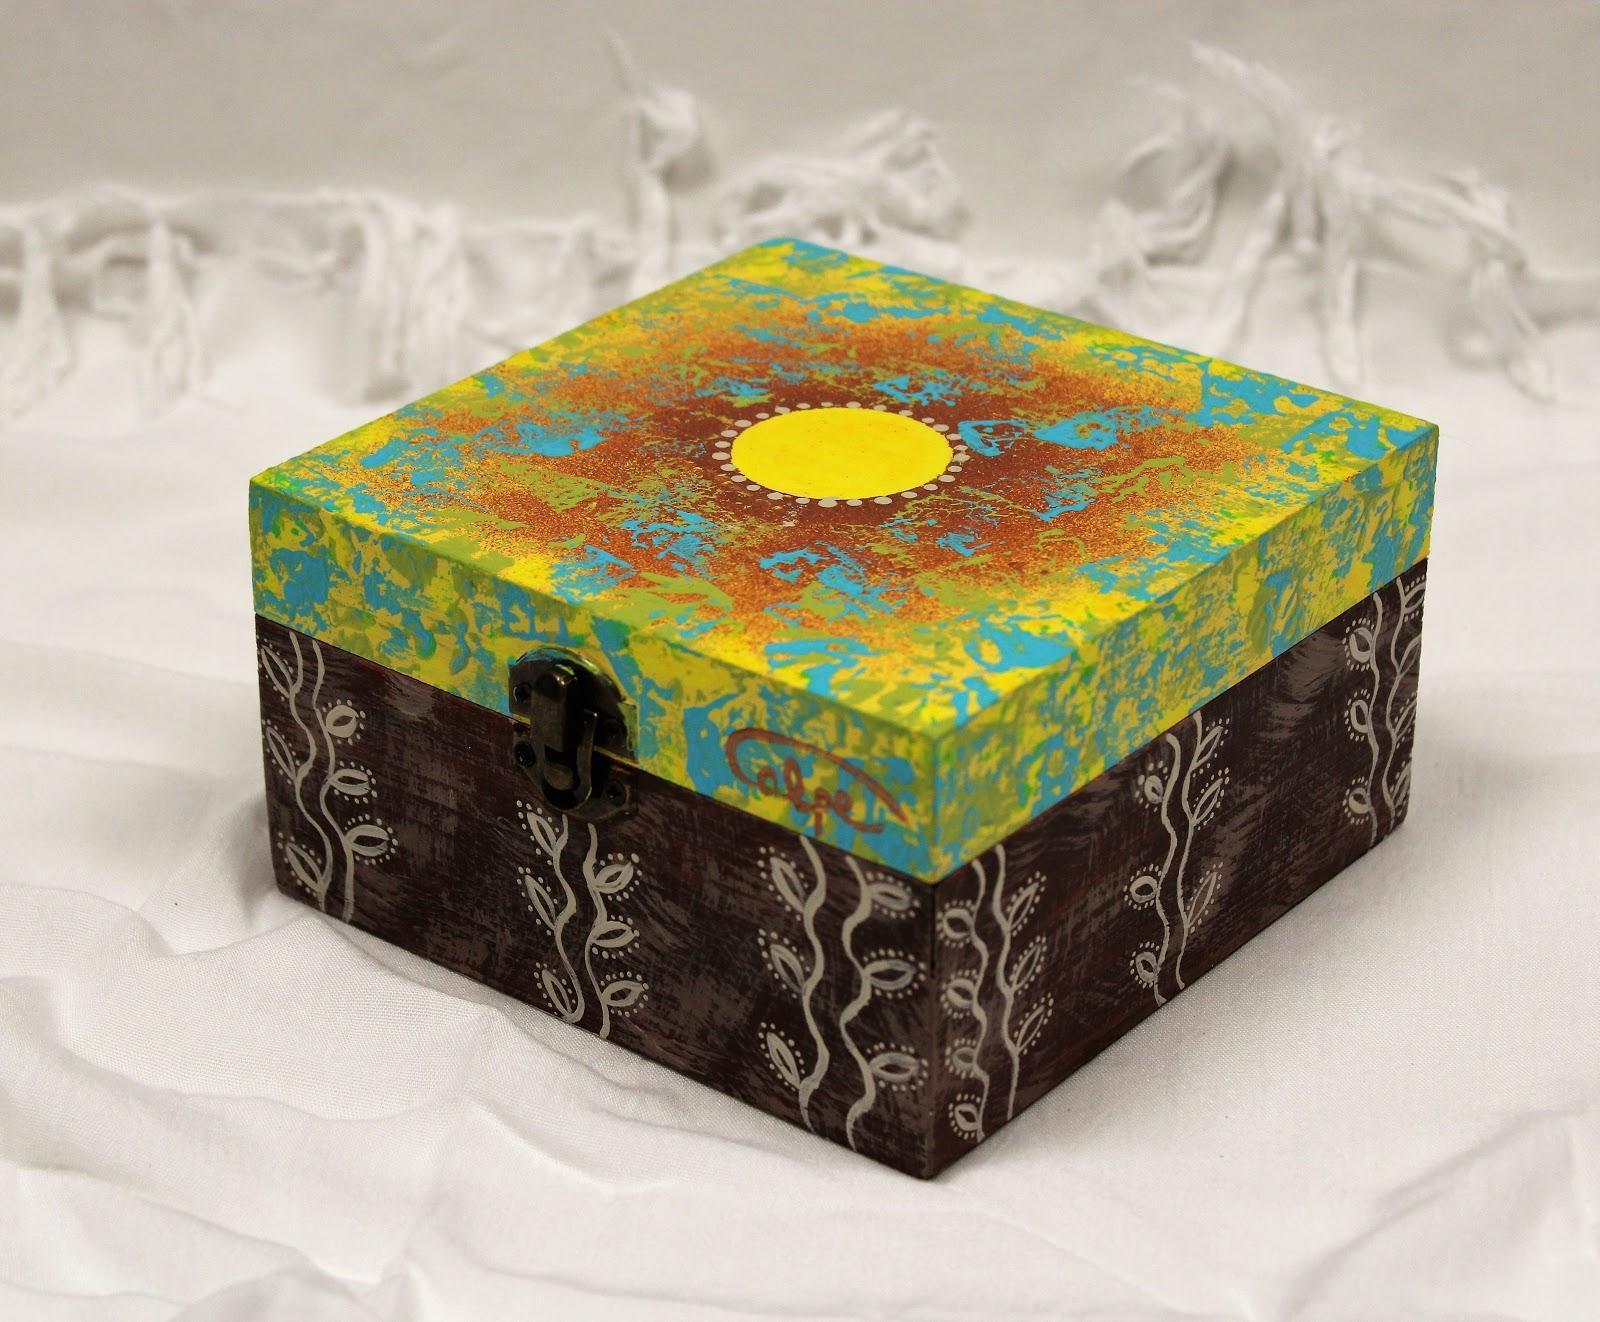 Fotos de cajas de madera pintadas a mano 7